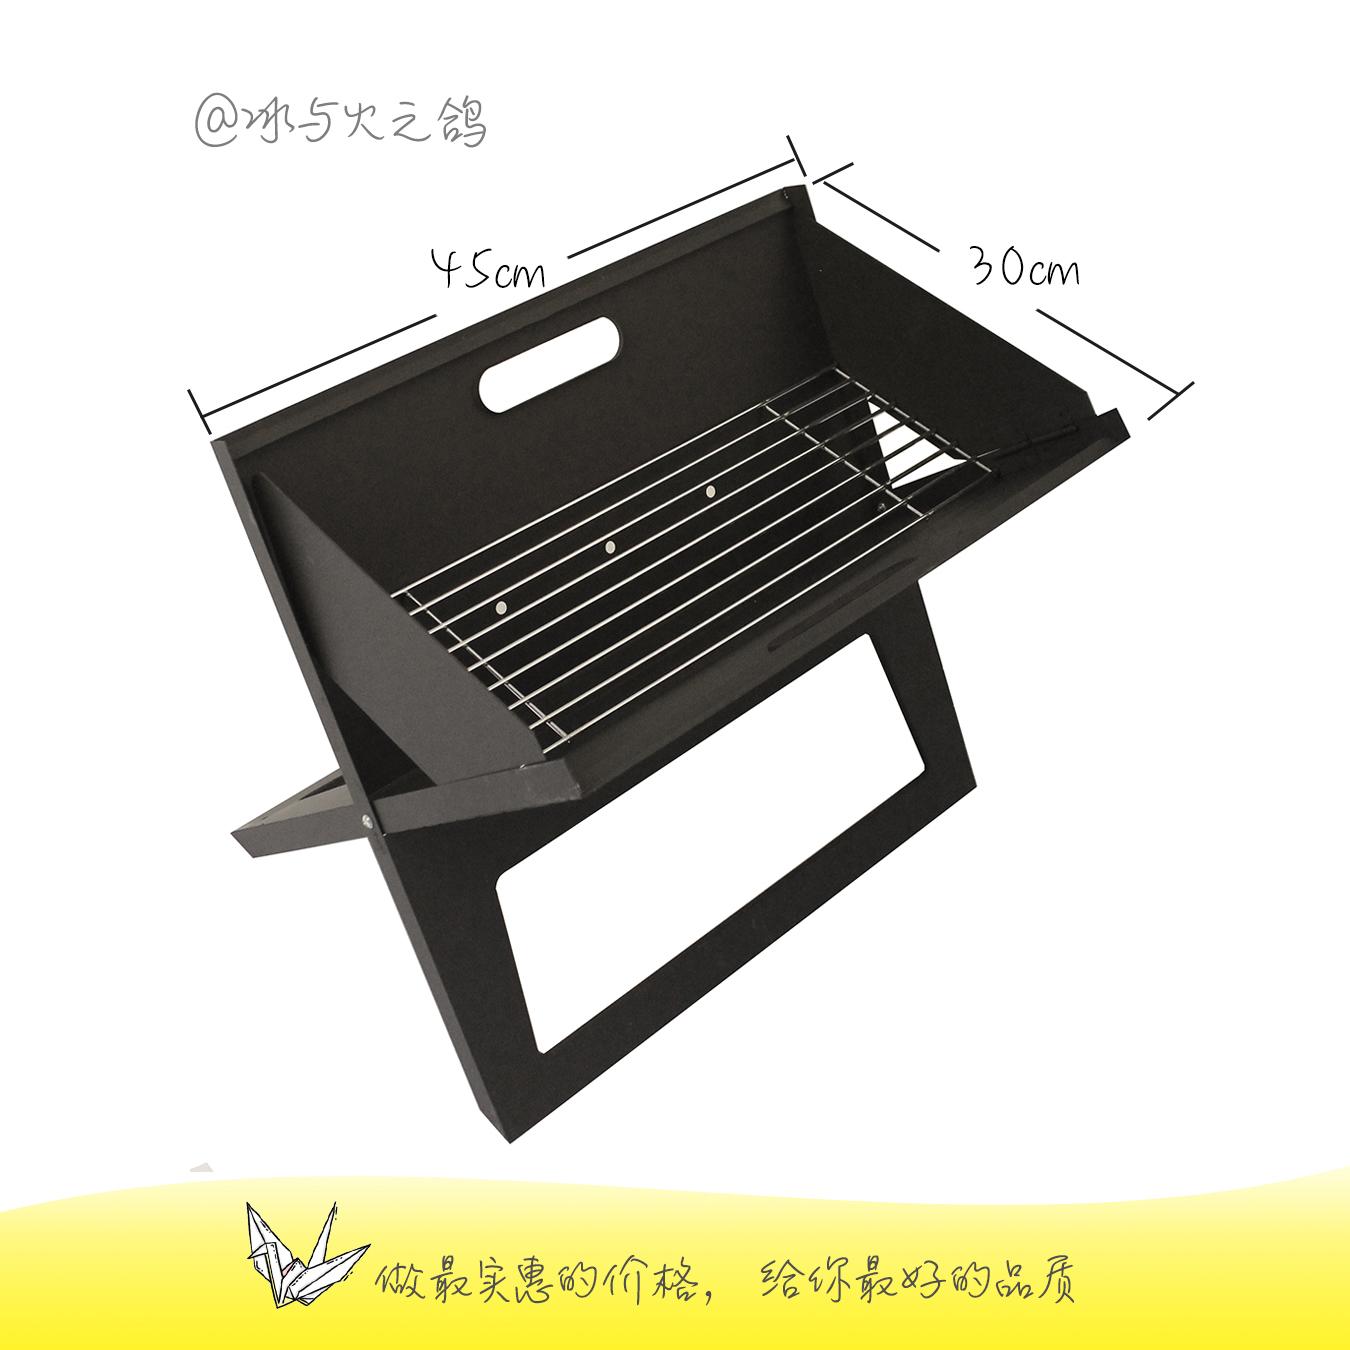 grill przenośny grille domowe, składane na sprzedaż na wywóz produktów, węgiel drzewny, wysłane na grilla.